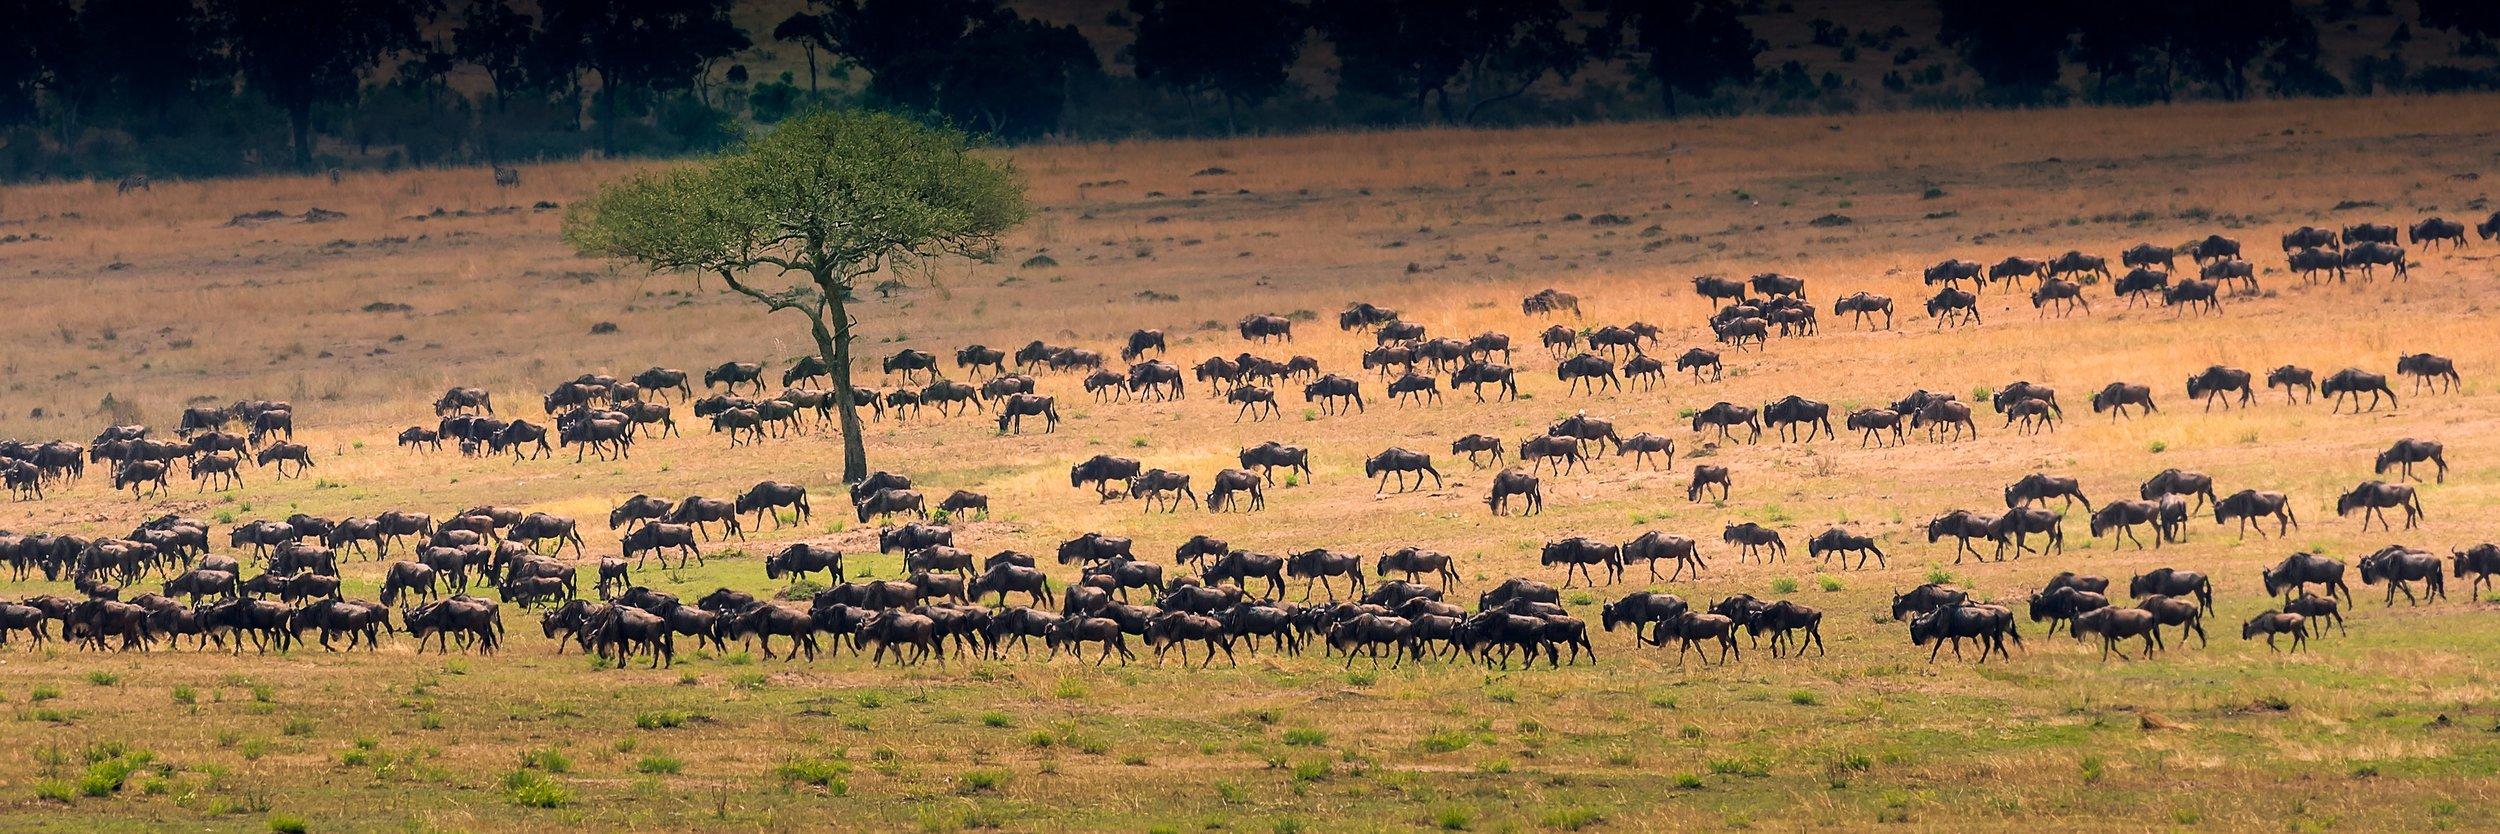 Wildebeest migration in northern Serengeti, Tanzania. Photo by  Chen Hu  on  Unsplash